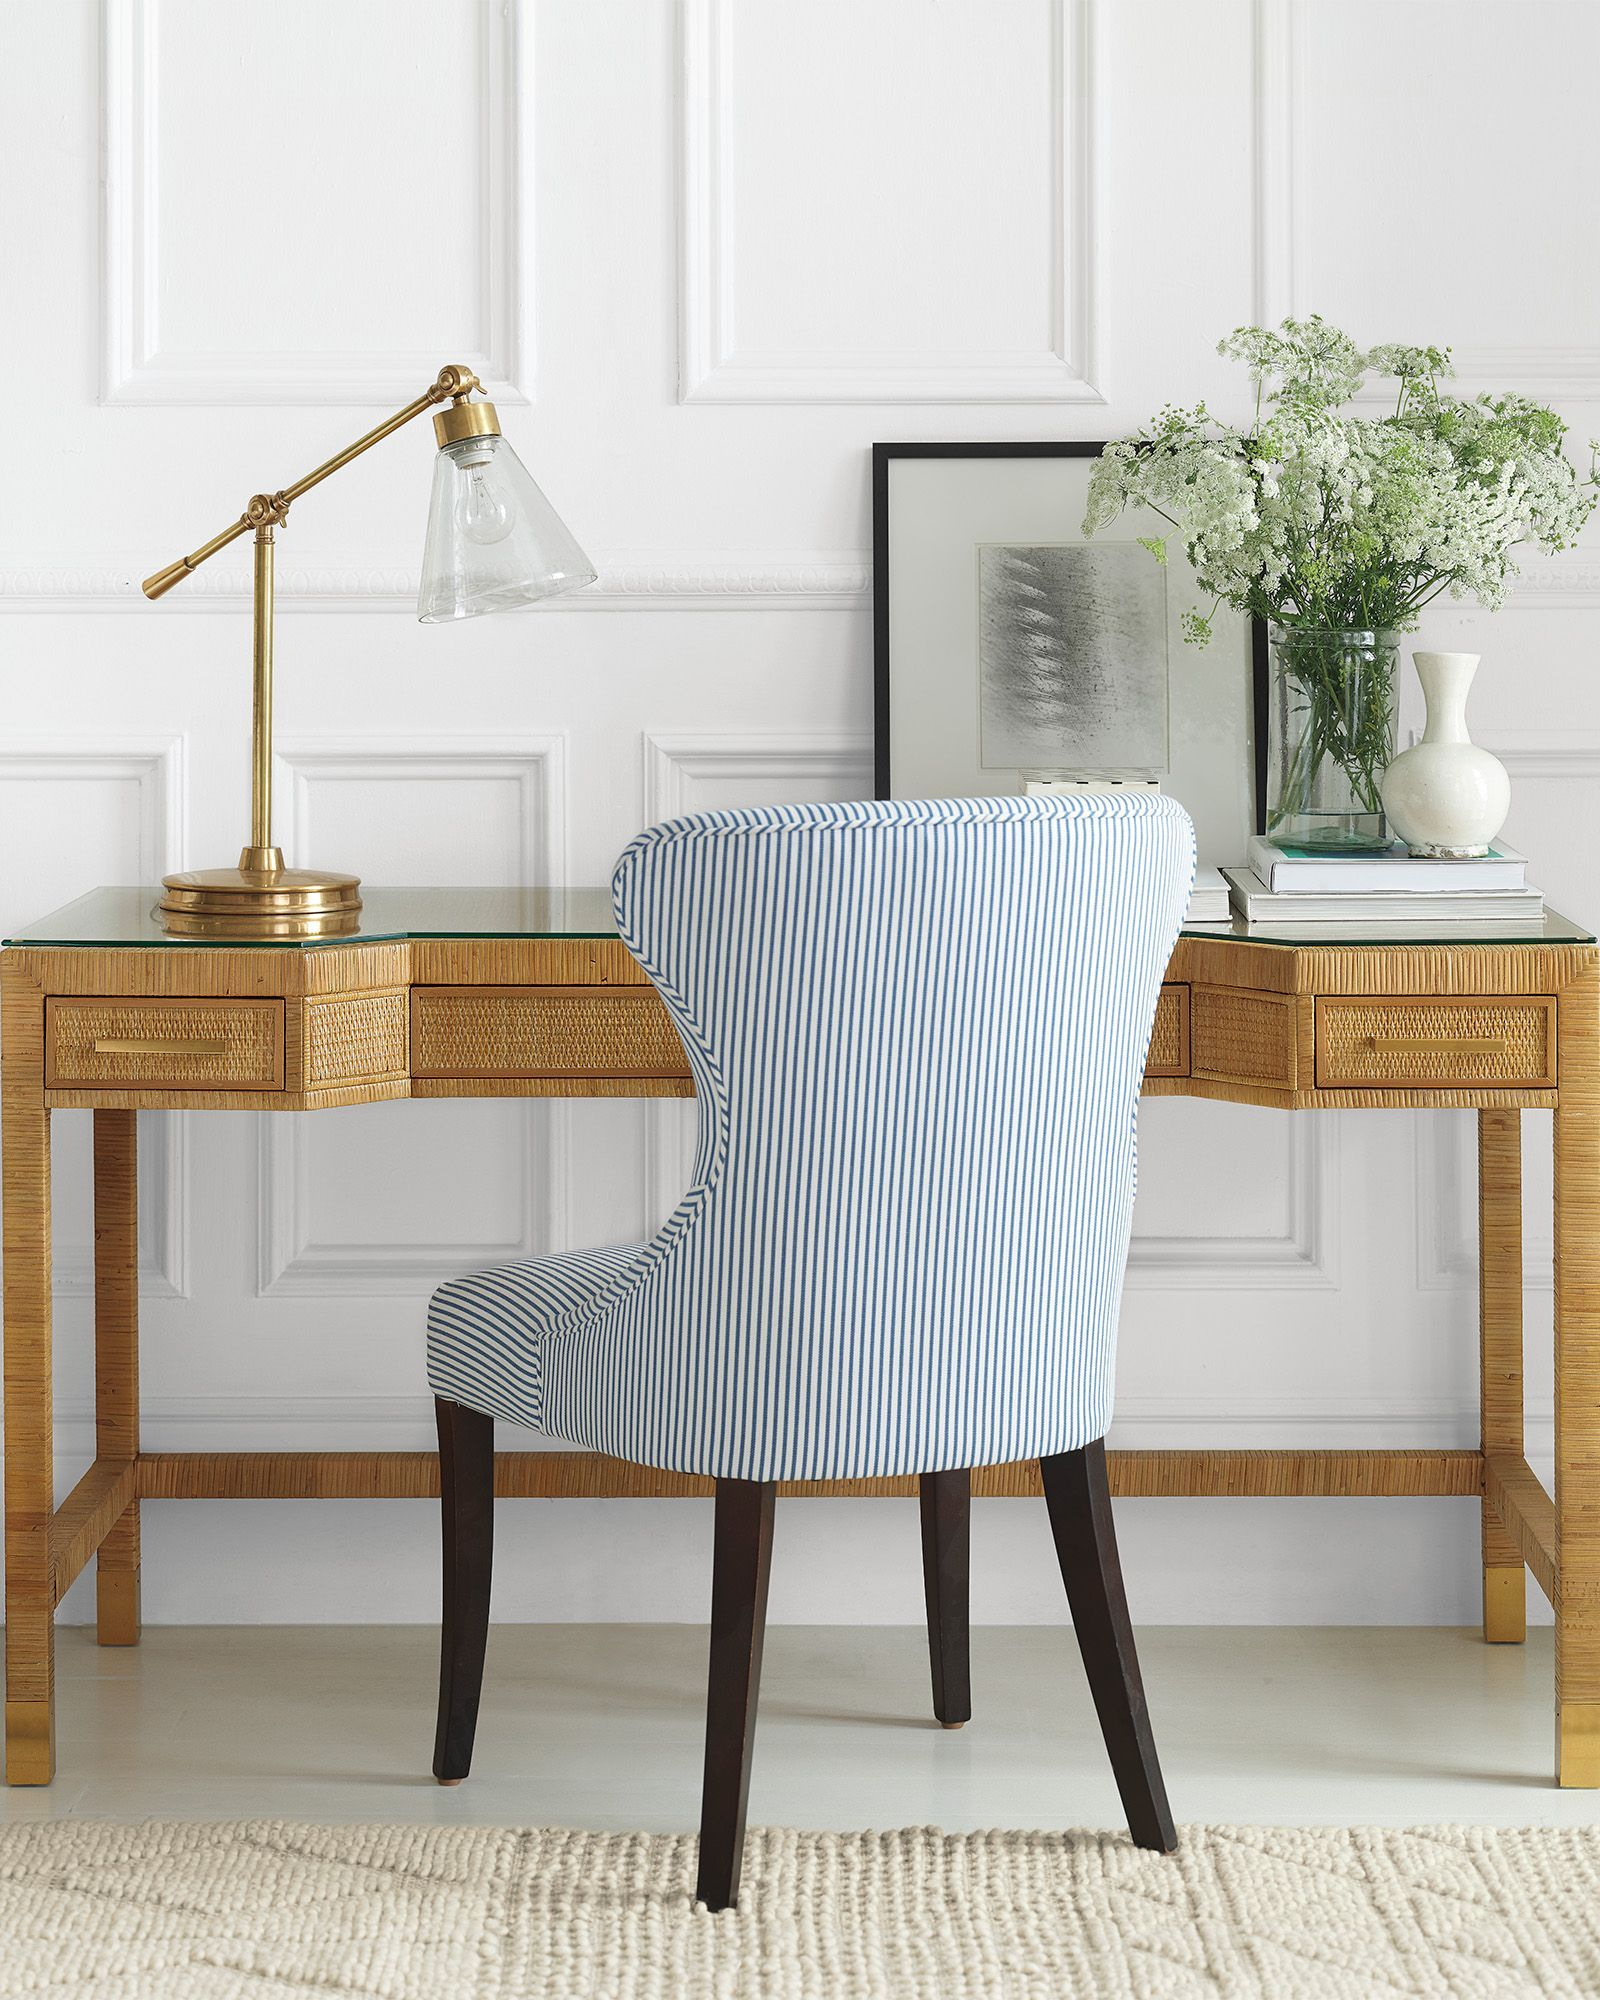 Gợi ý bạn những mẫu bàn làm việc tại nhà giúp bạn nâng cao hiệu suất làm việc như tại công ty - Ảnh 12.